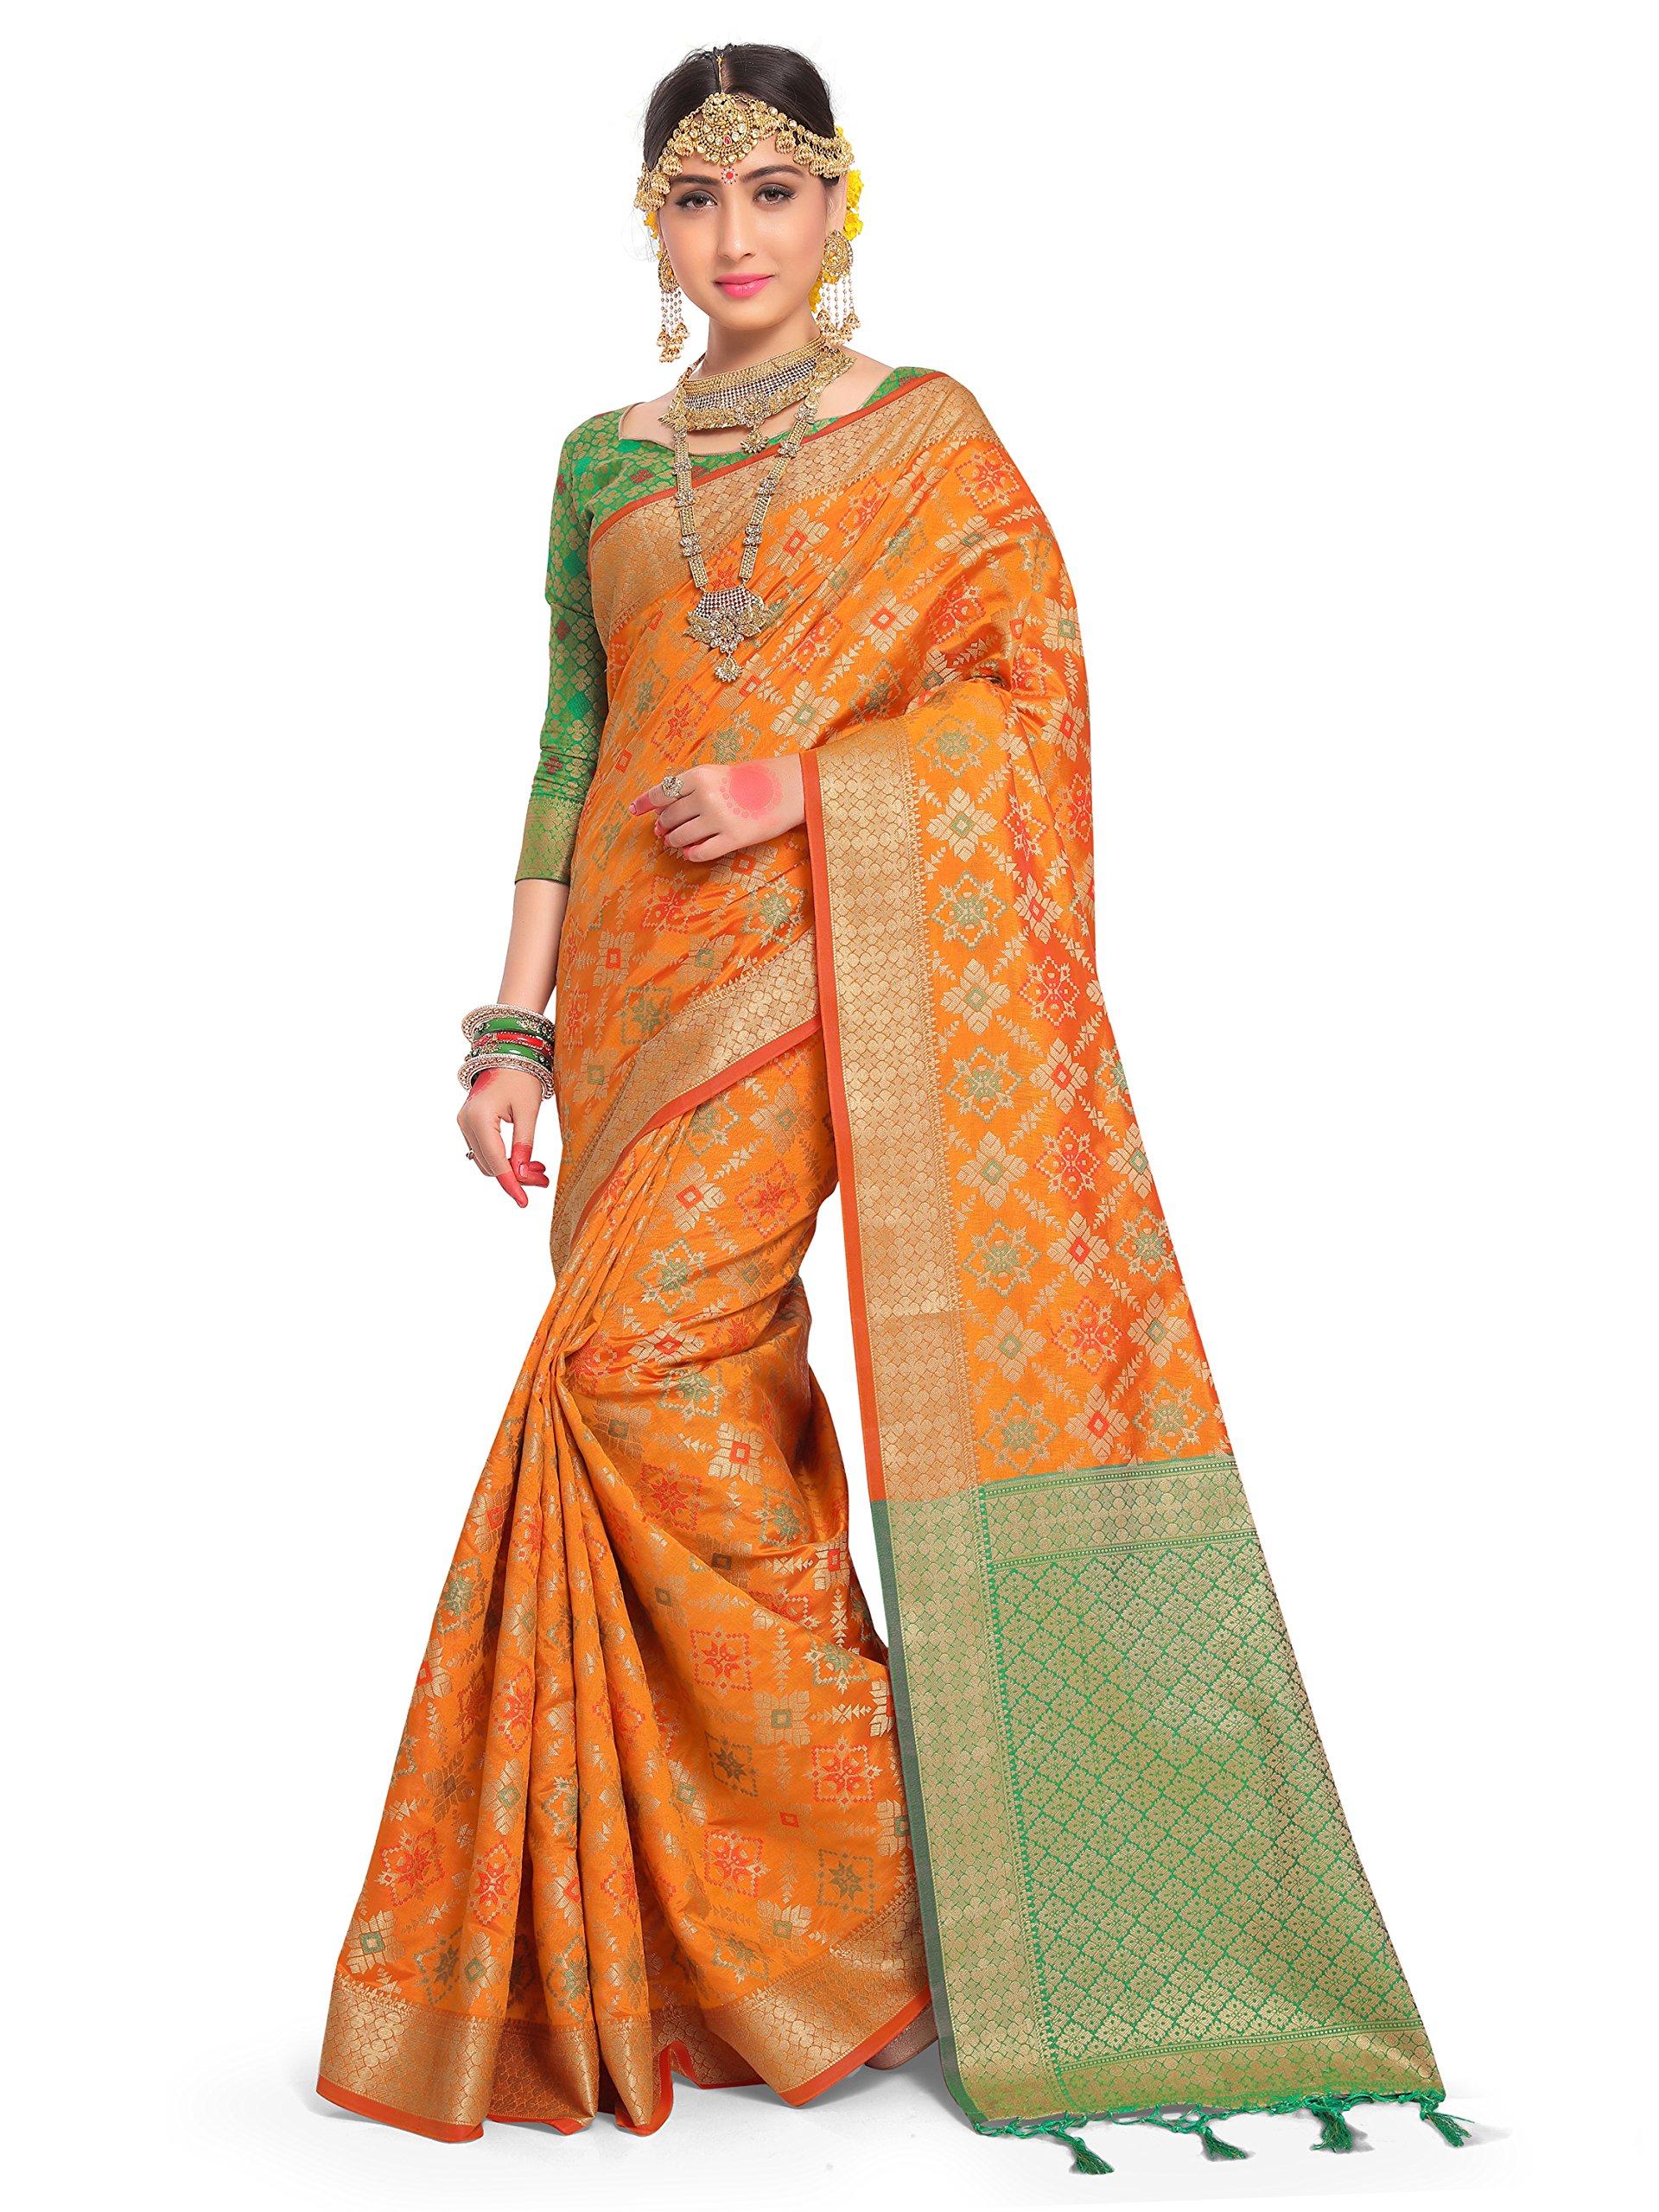 ELINA FASHION Sarees Women Patola Art Silk Woven Work Saree l Indian Wedding Ethnic Sari Blouse Piece (Orange)